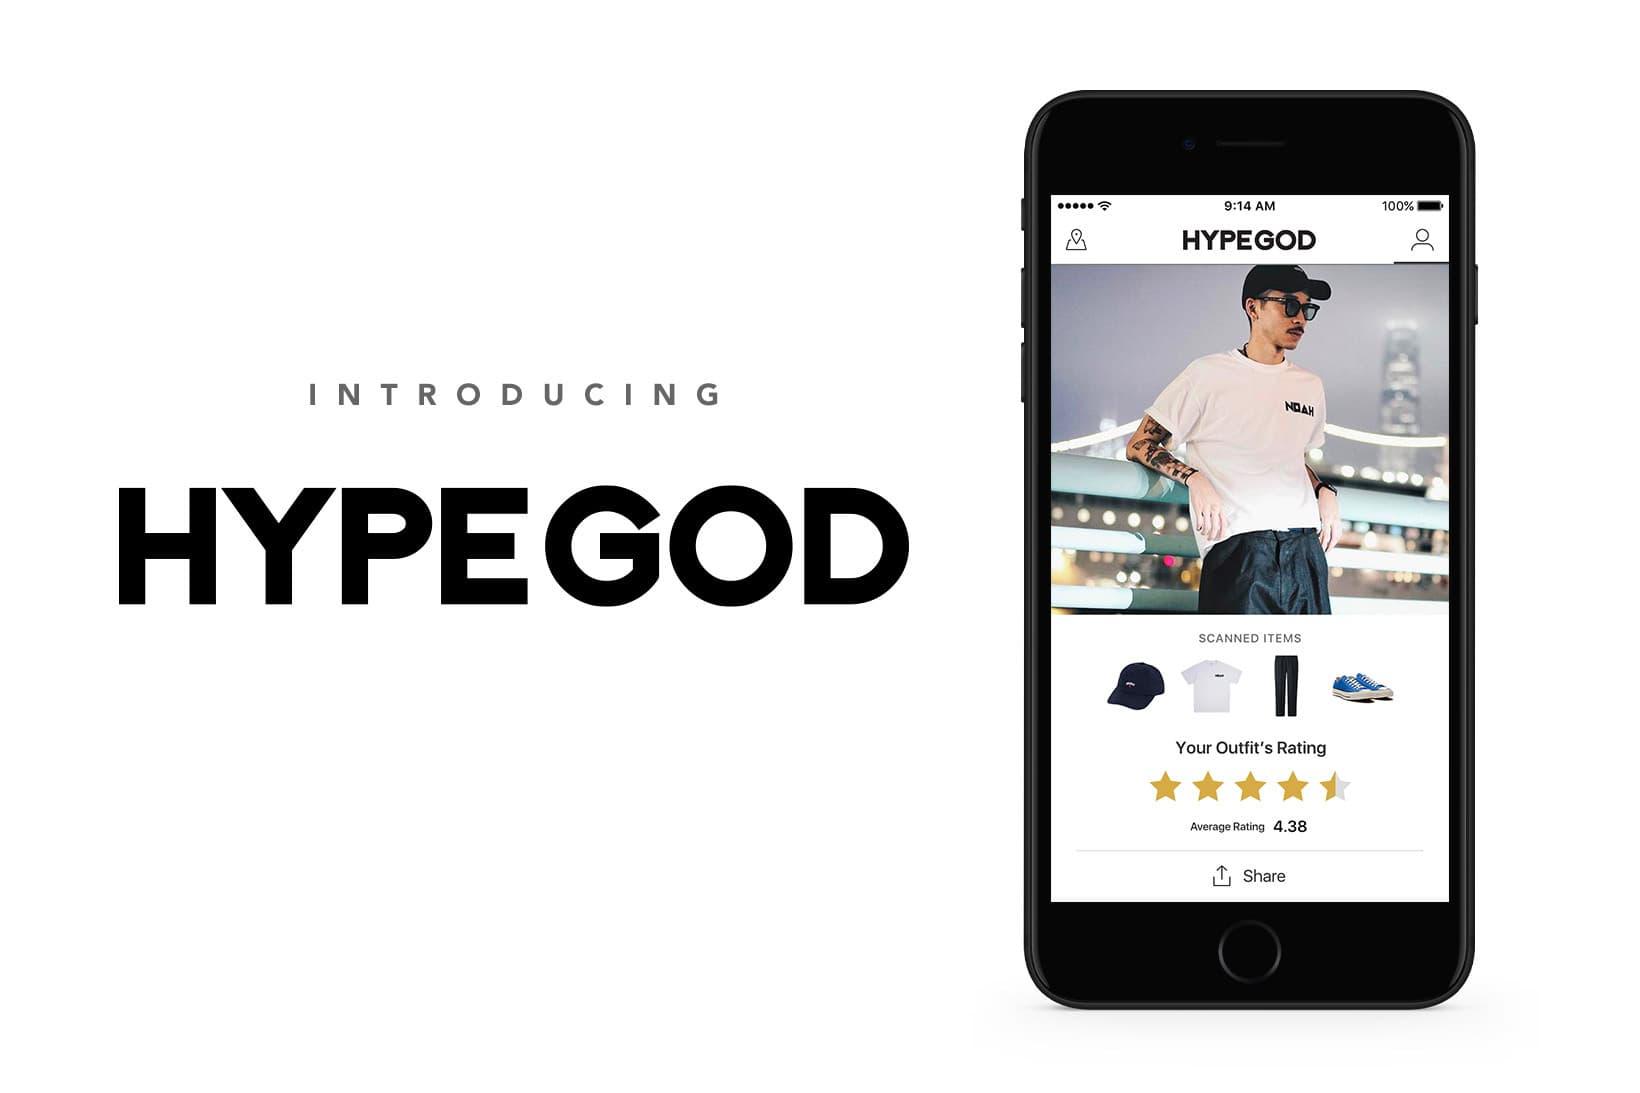 務必下載 - 社交媒體新趨勢 HYPEGOD 應用程式